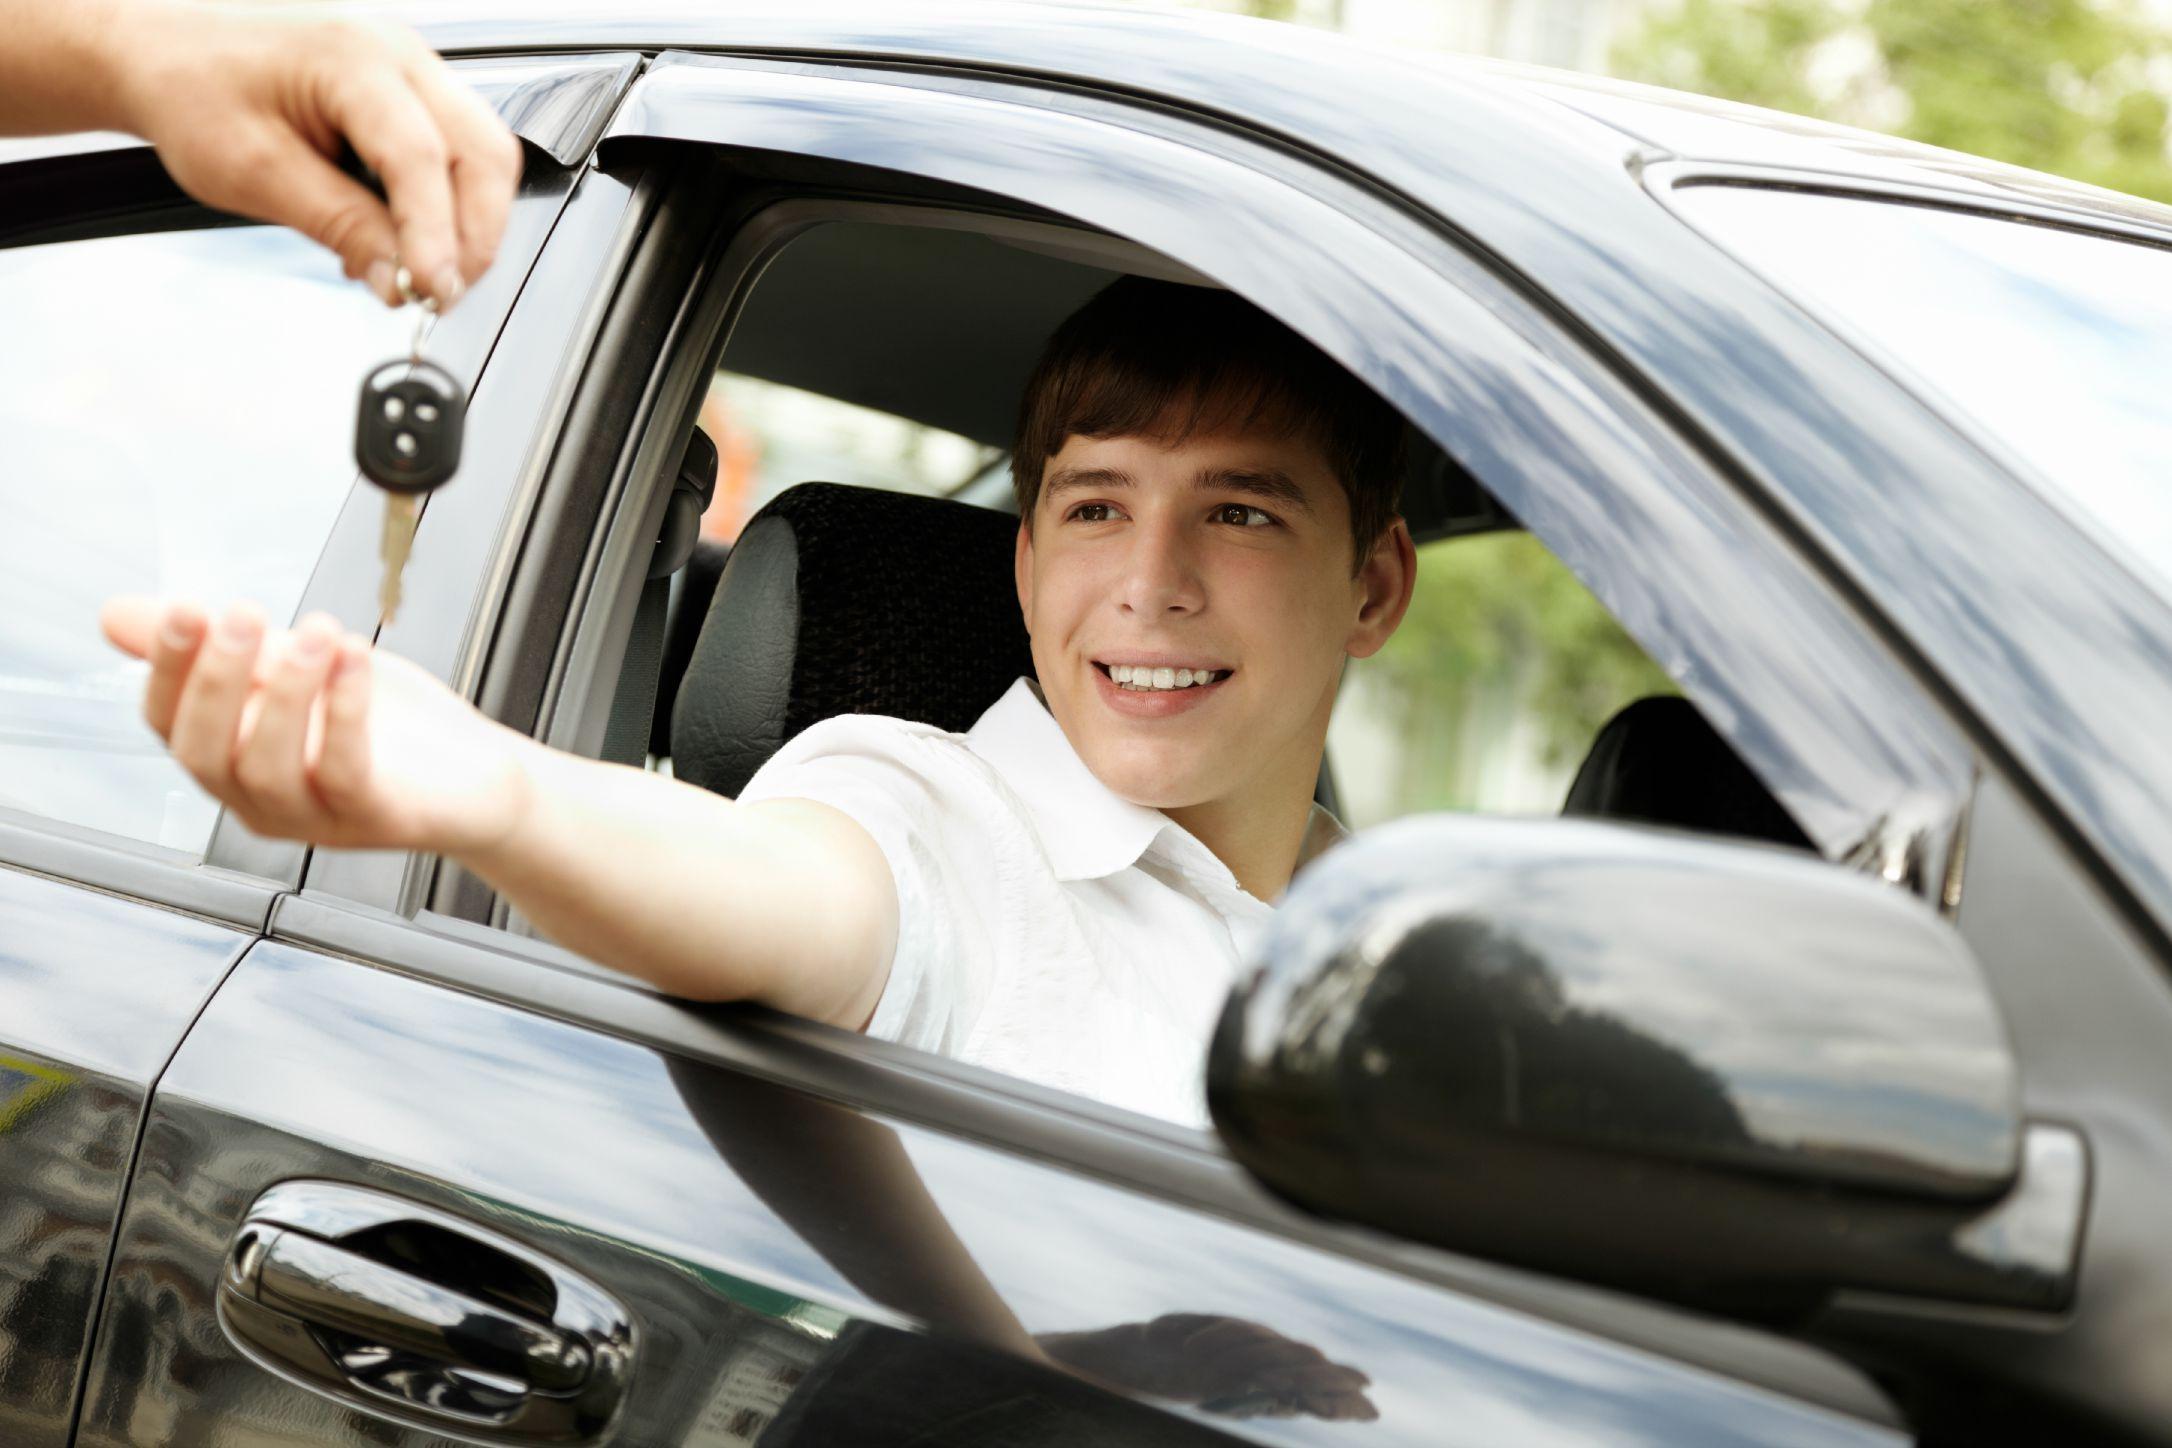 Kiểm tra các bộ phận của xe trước khi bắt đầu bài thi.